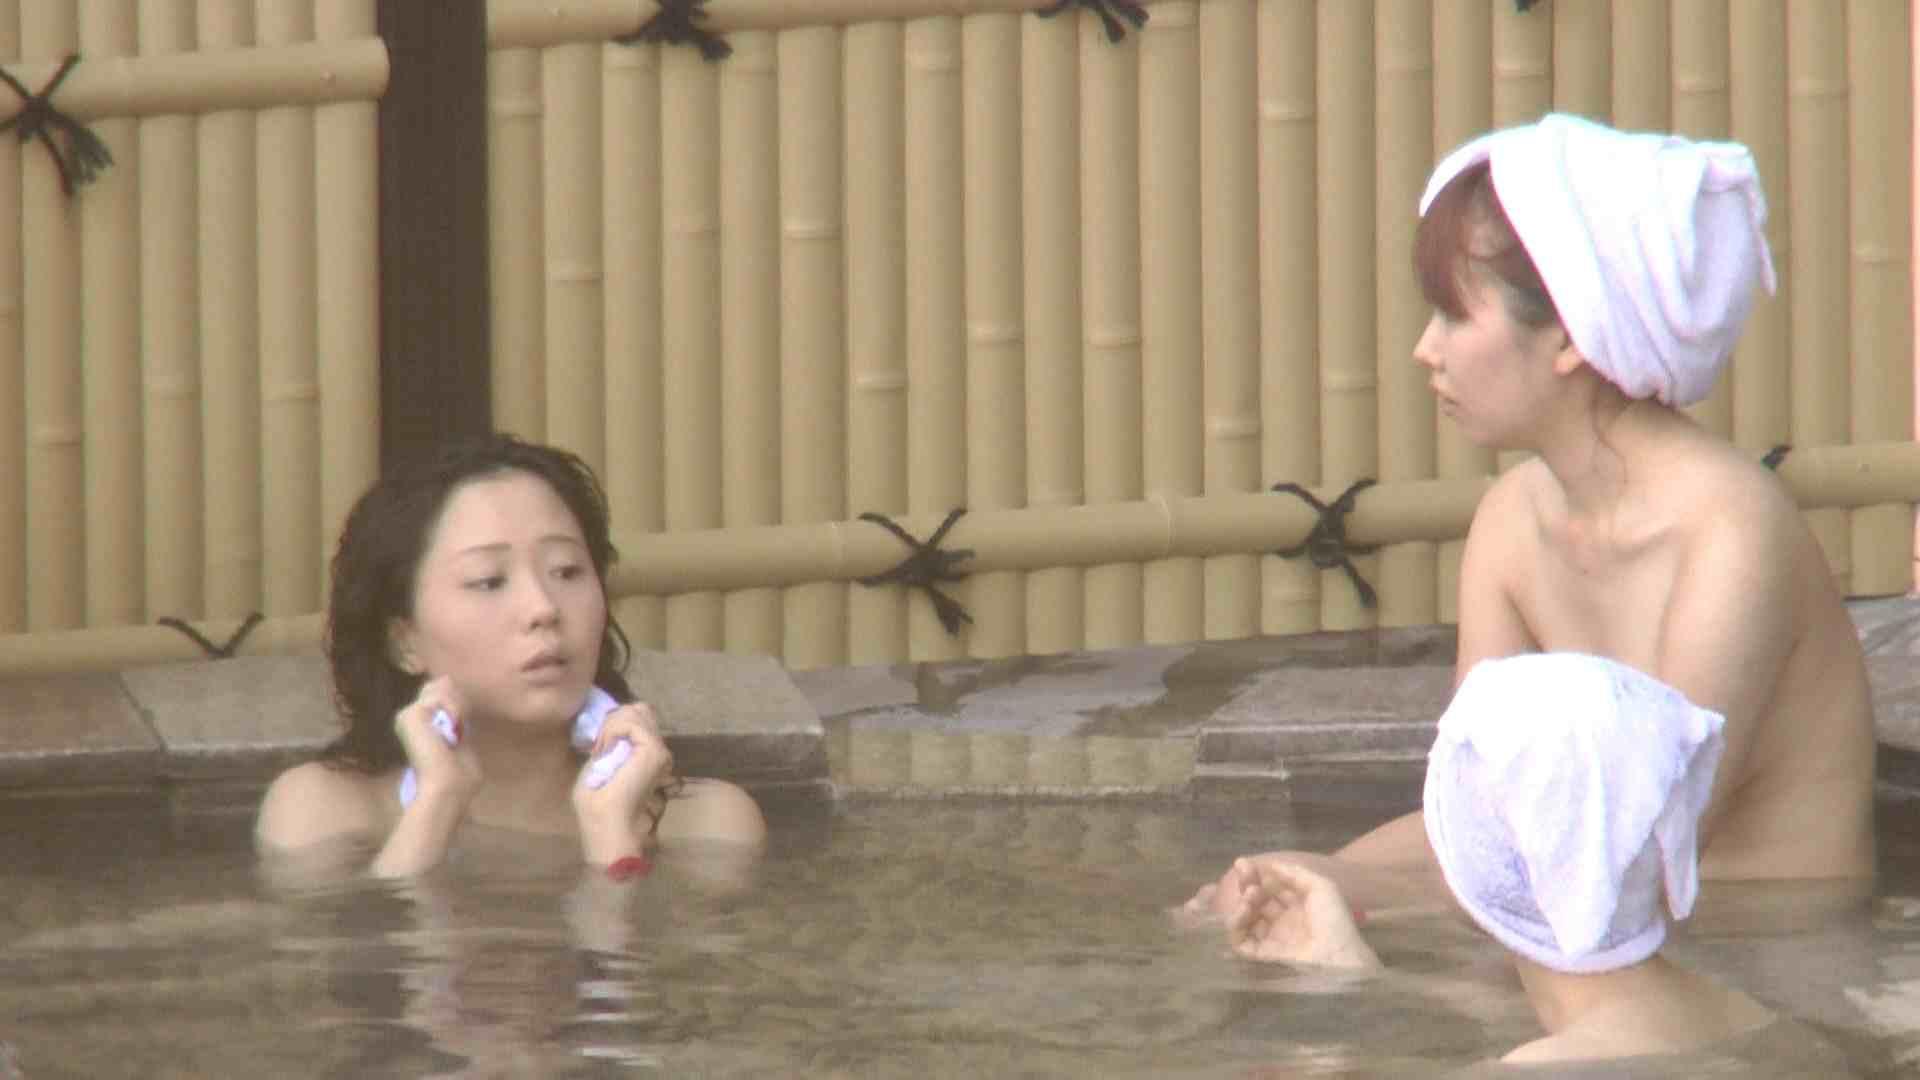 Aquaな露天風呂Vol.211 OLのエロ生活  91連発 36